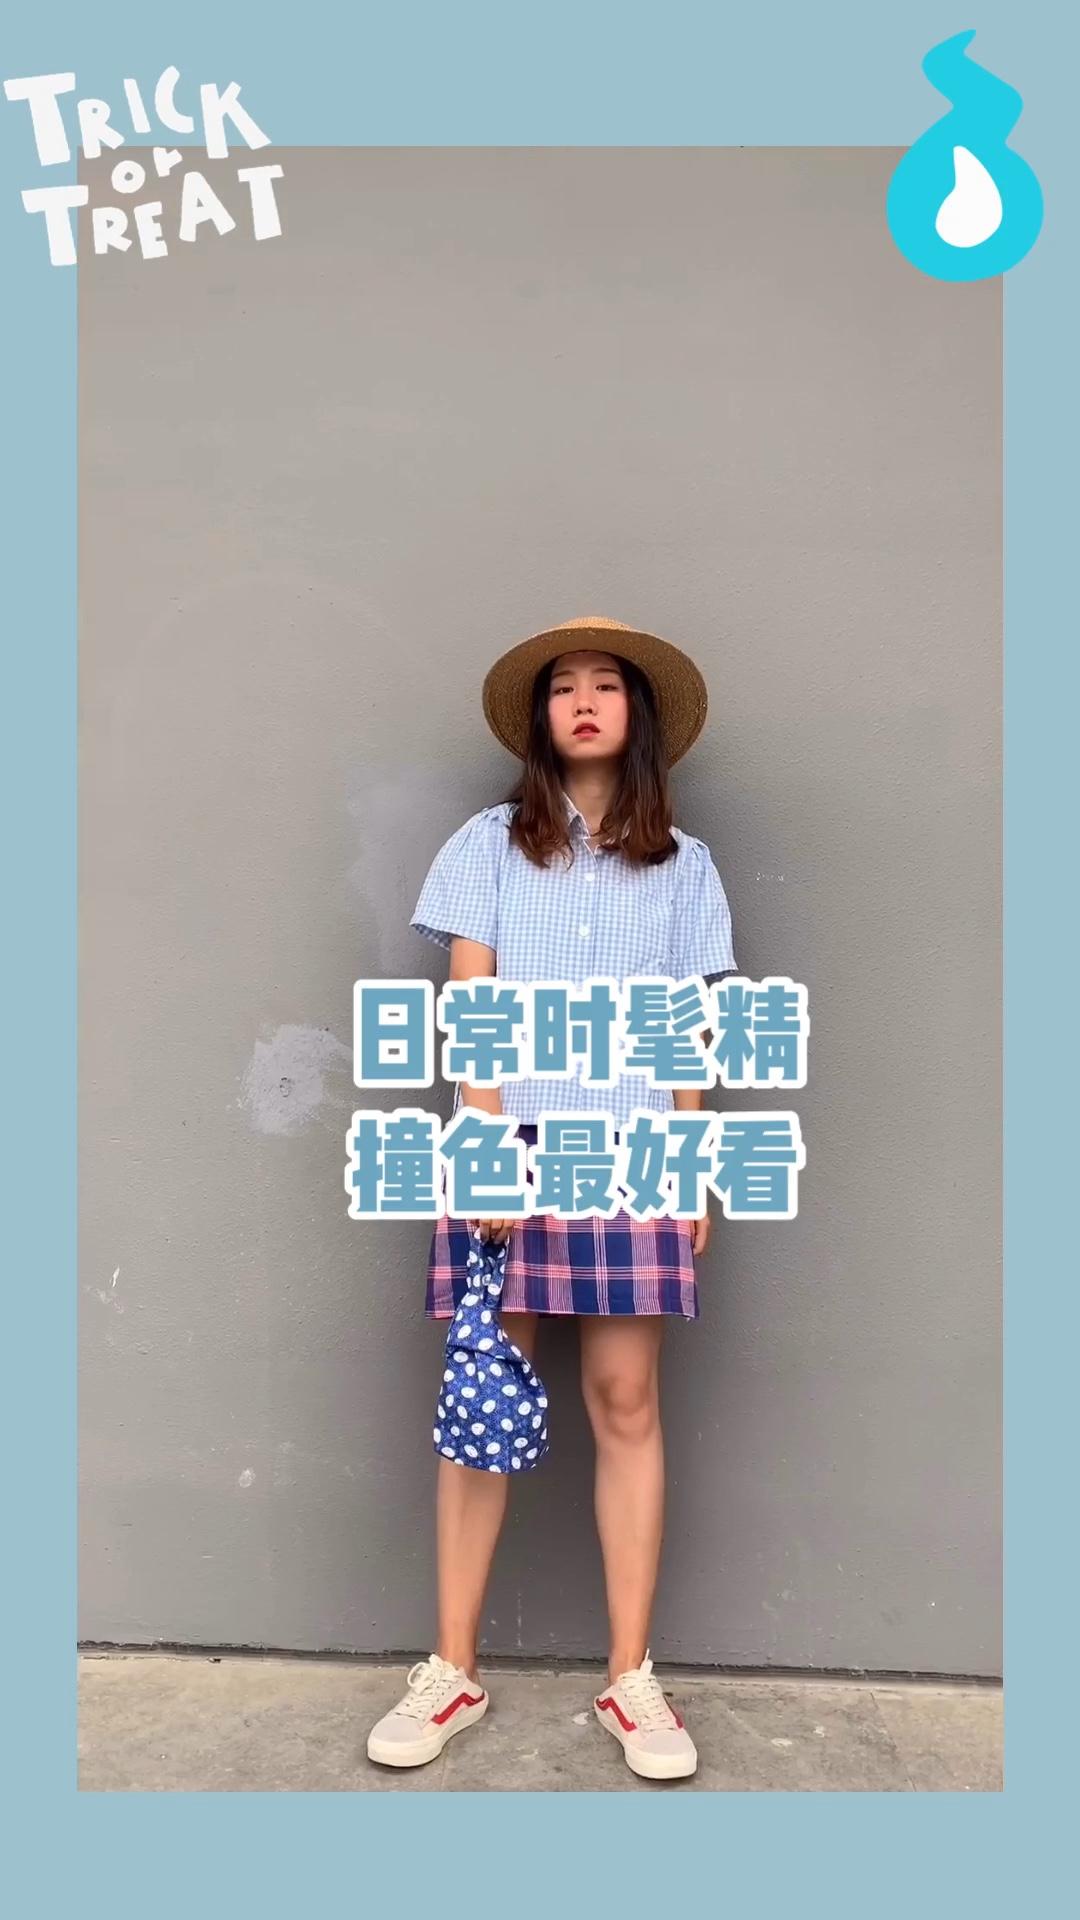 #日剧女主上线,轮到你了!# 风格百变的学生党穿搭✨ 日常时髦精 撞色最好看 时髦女孩应该有的搭配 蓝色的格子衬衫非常清新 紫色的格子短裙又很特别 短裙显腿长又修饰腿型 撞色更加出彩 一起做一个时髦女孩吧! 希望学生党妹子们美美哒 我们一起学穿搭呀❤️